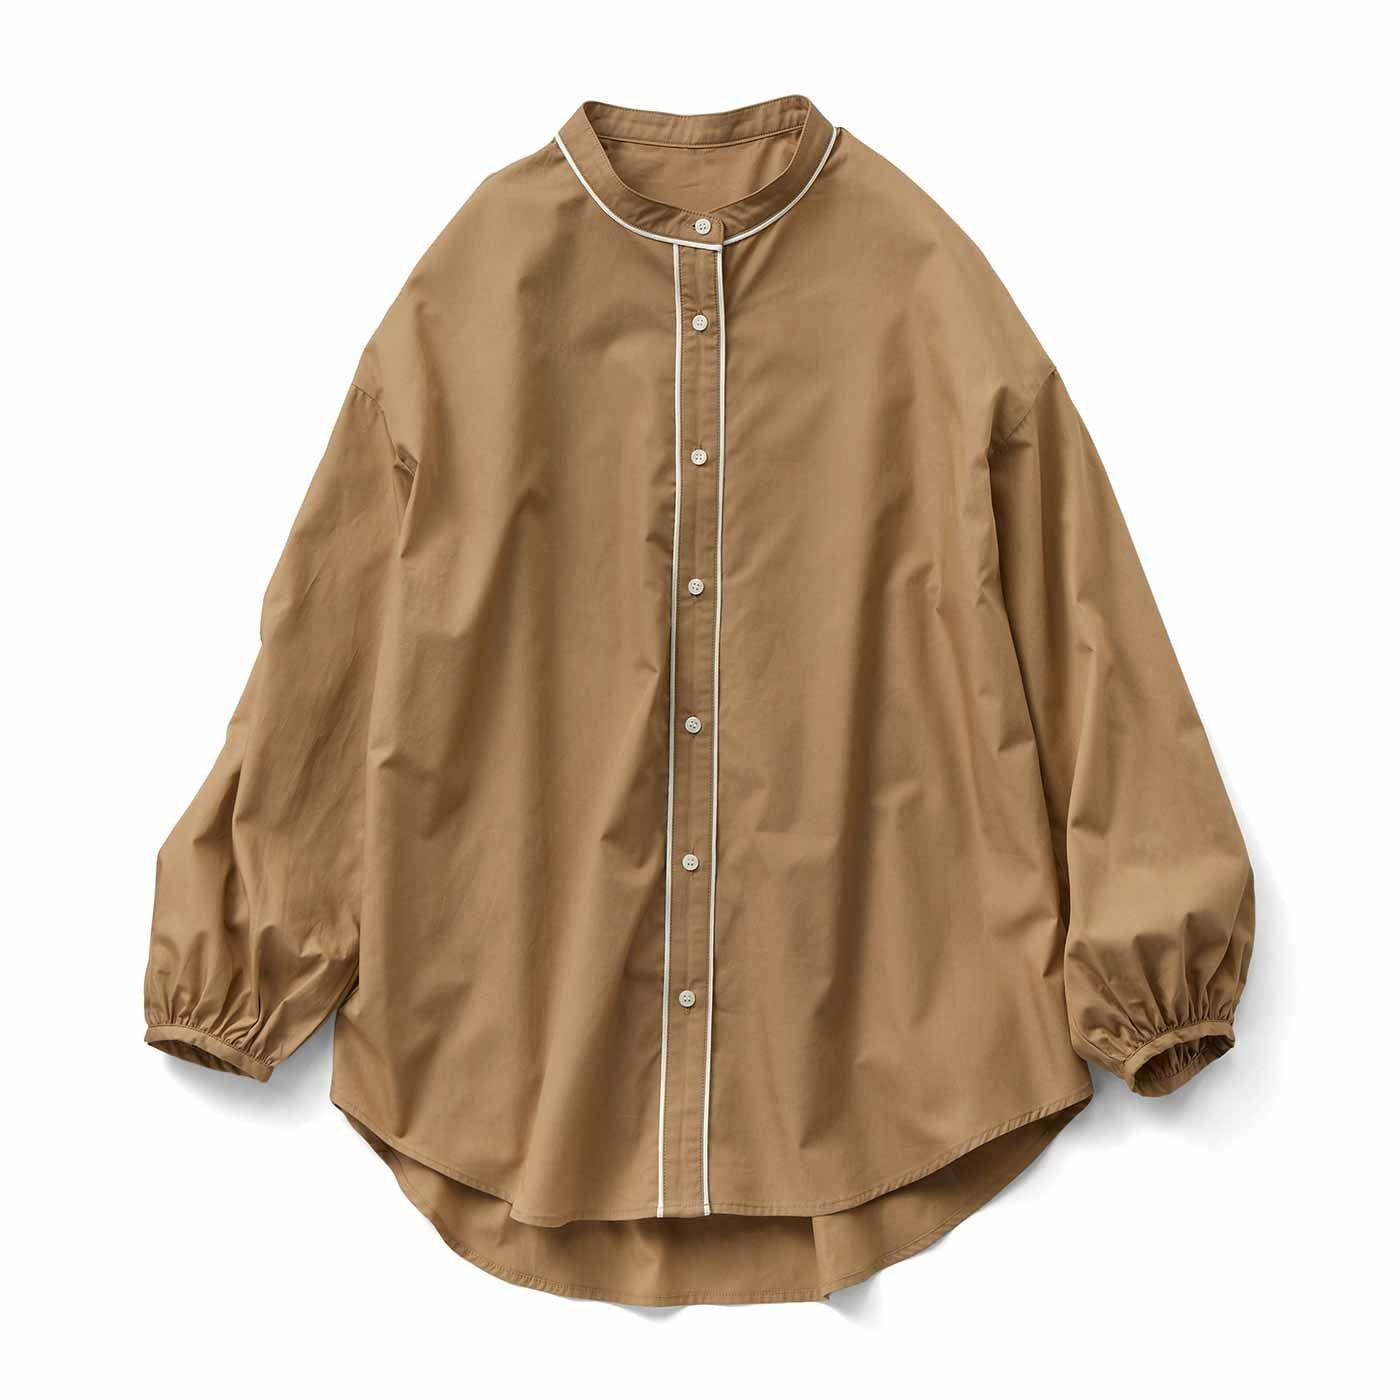 IEDIT[イディット] コーデのポイントになる きれいめパイピングシャツ〈ベージュ〉